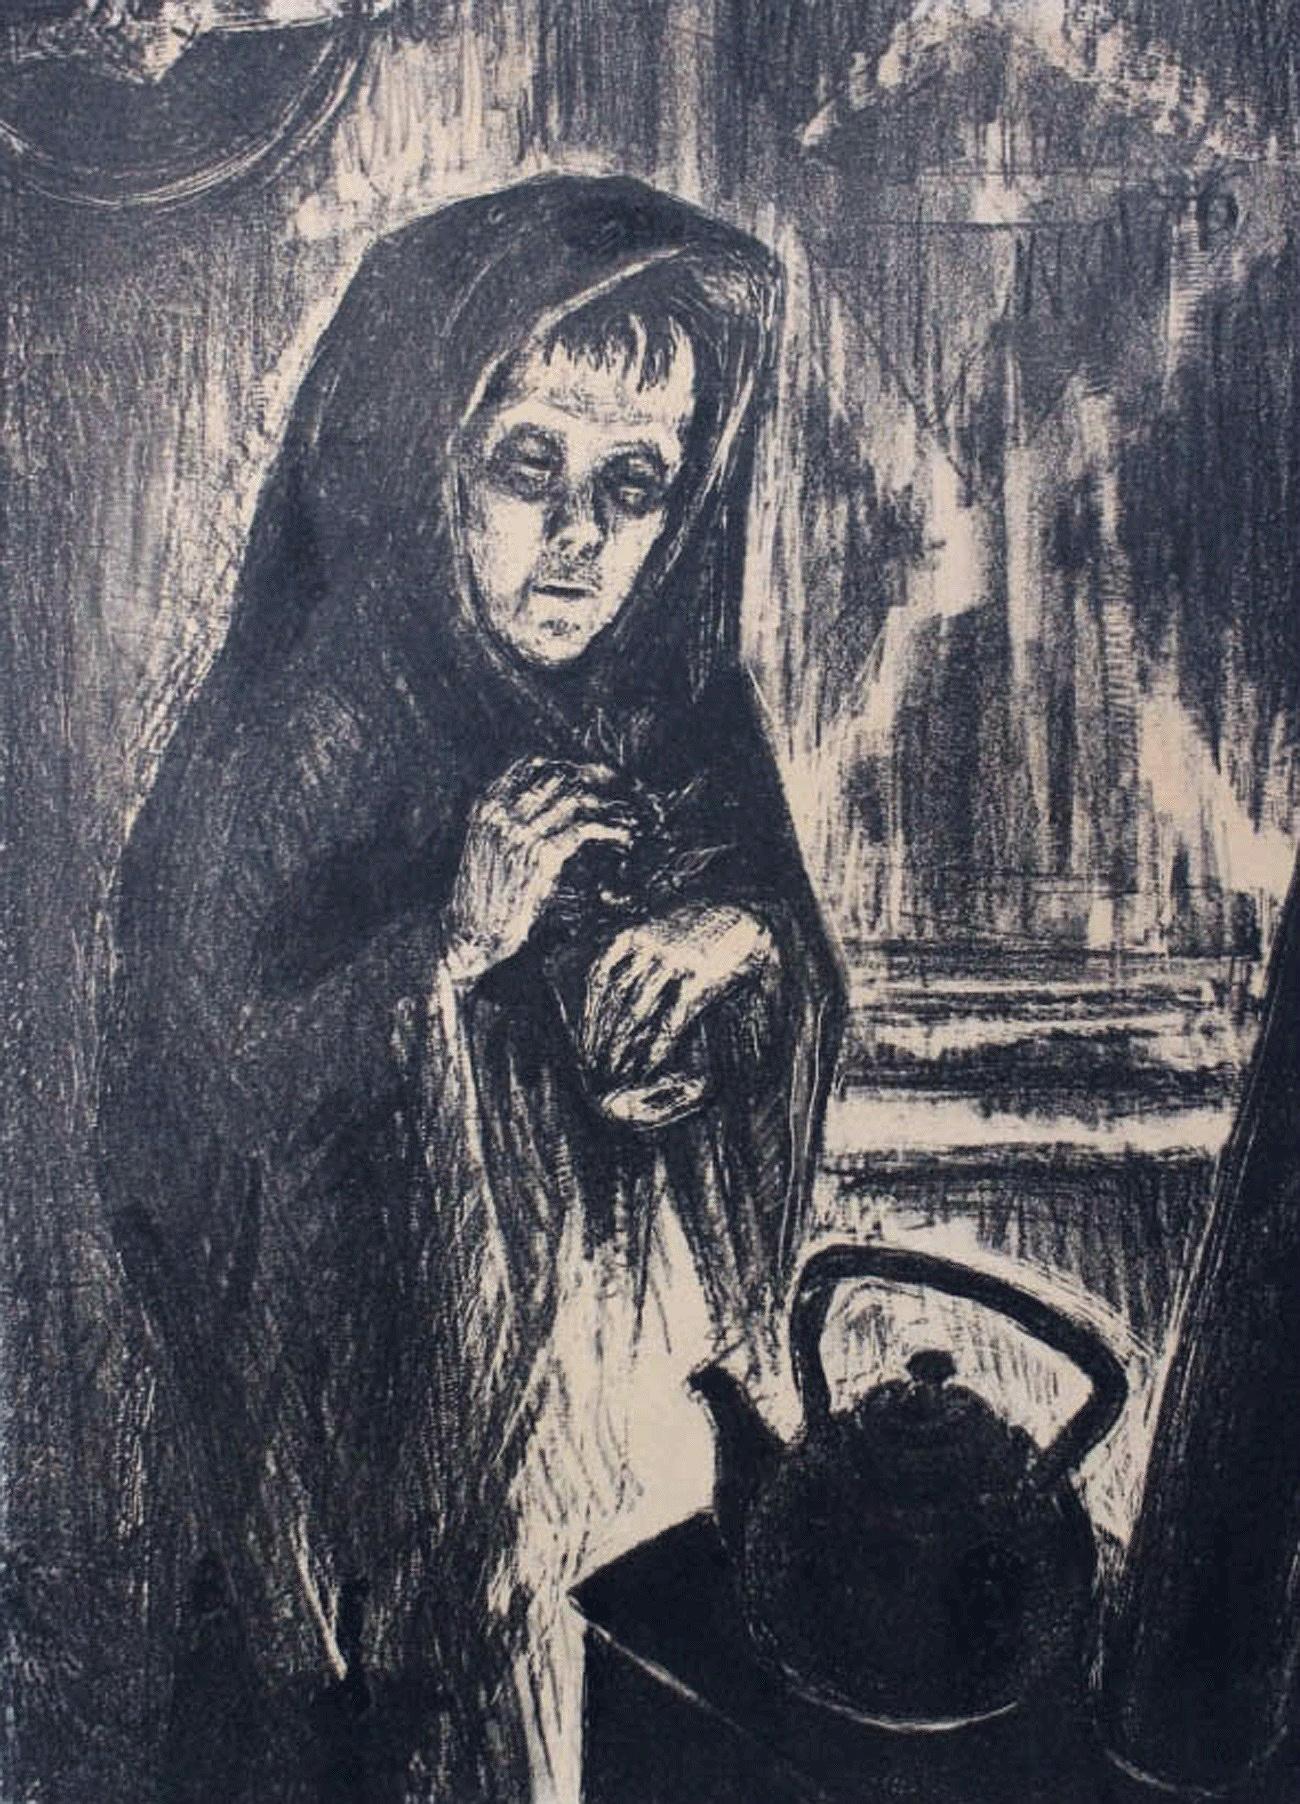 Pendant près de 900 jours, Leningrad (actuelle Saint-Pétersbourg, ndlr) fut bloqué par les nazis. Née en 1923, Elena Marttila avait 18 ans au début du siège et son art captura toute l'ampleur de la mort et des souffrances de la ville martyre. Sur l'image : Tanya seule